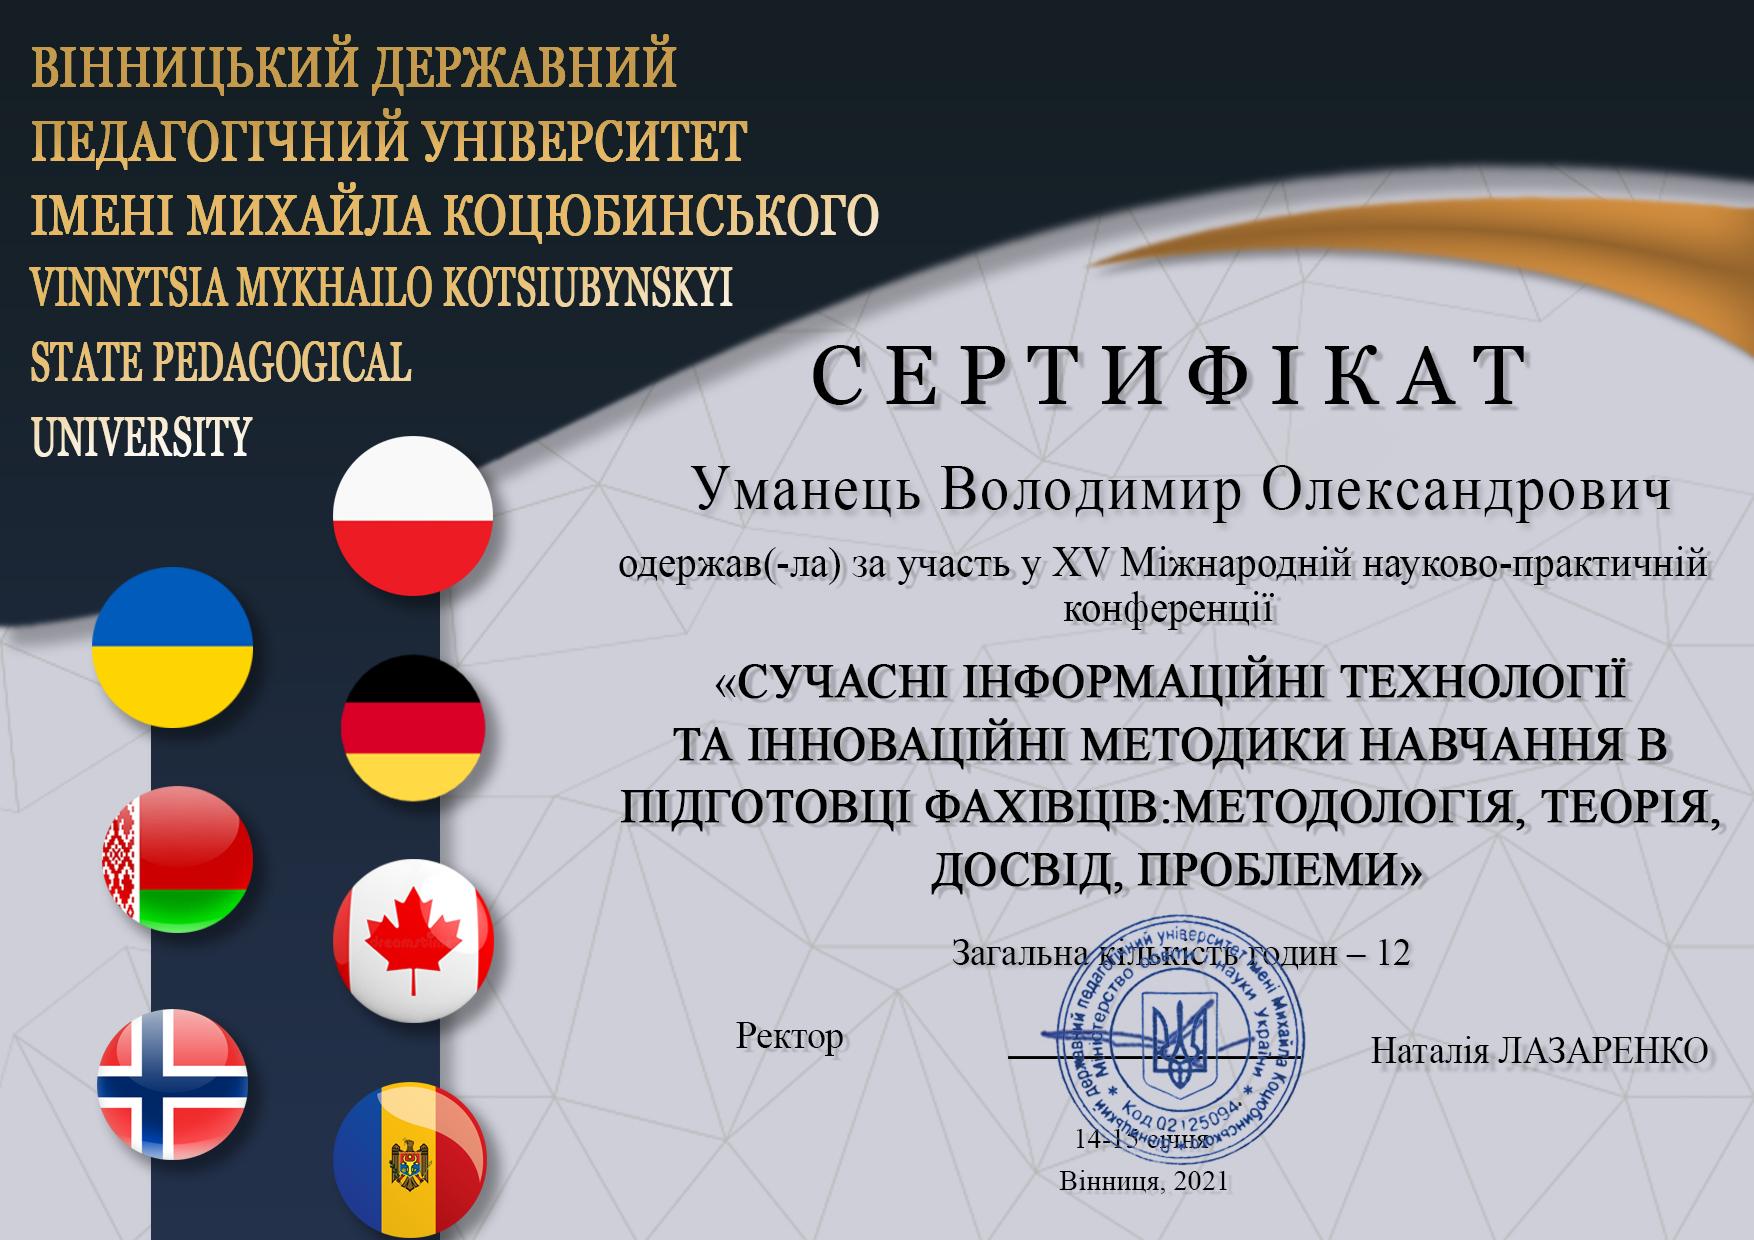 Уманець Володимир Олександрович